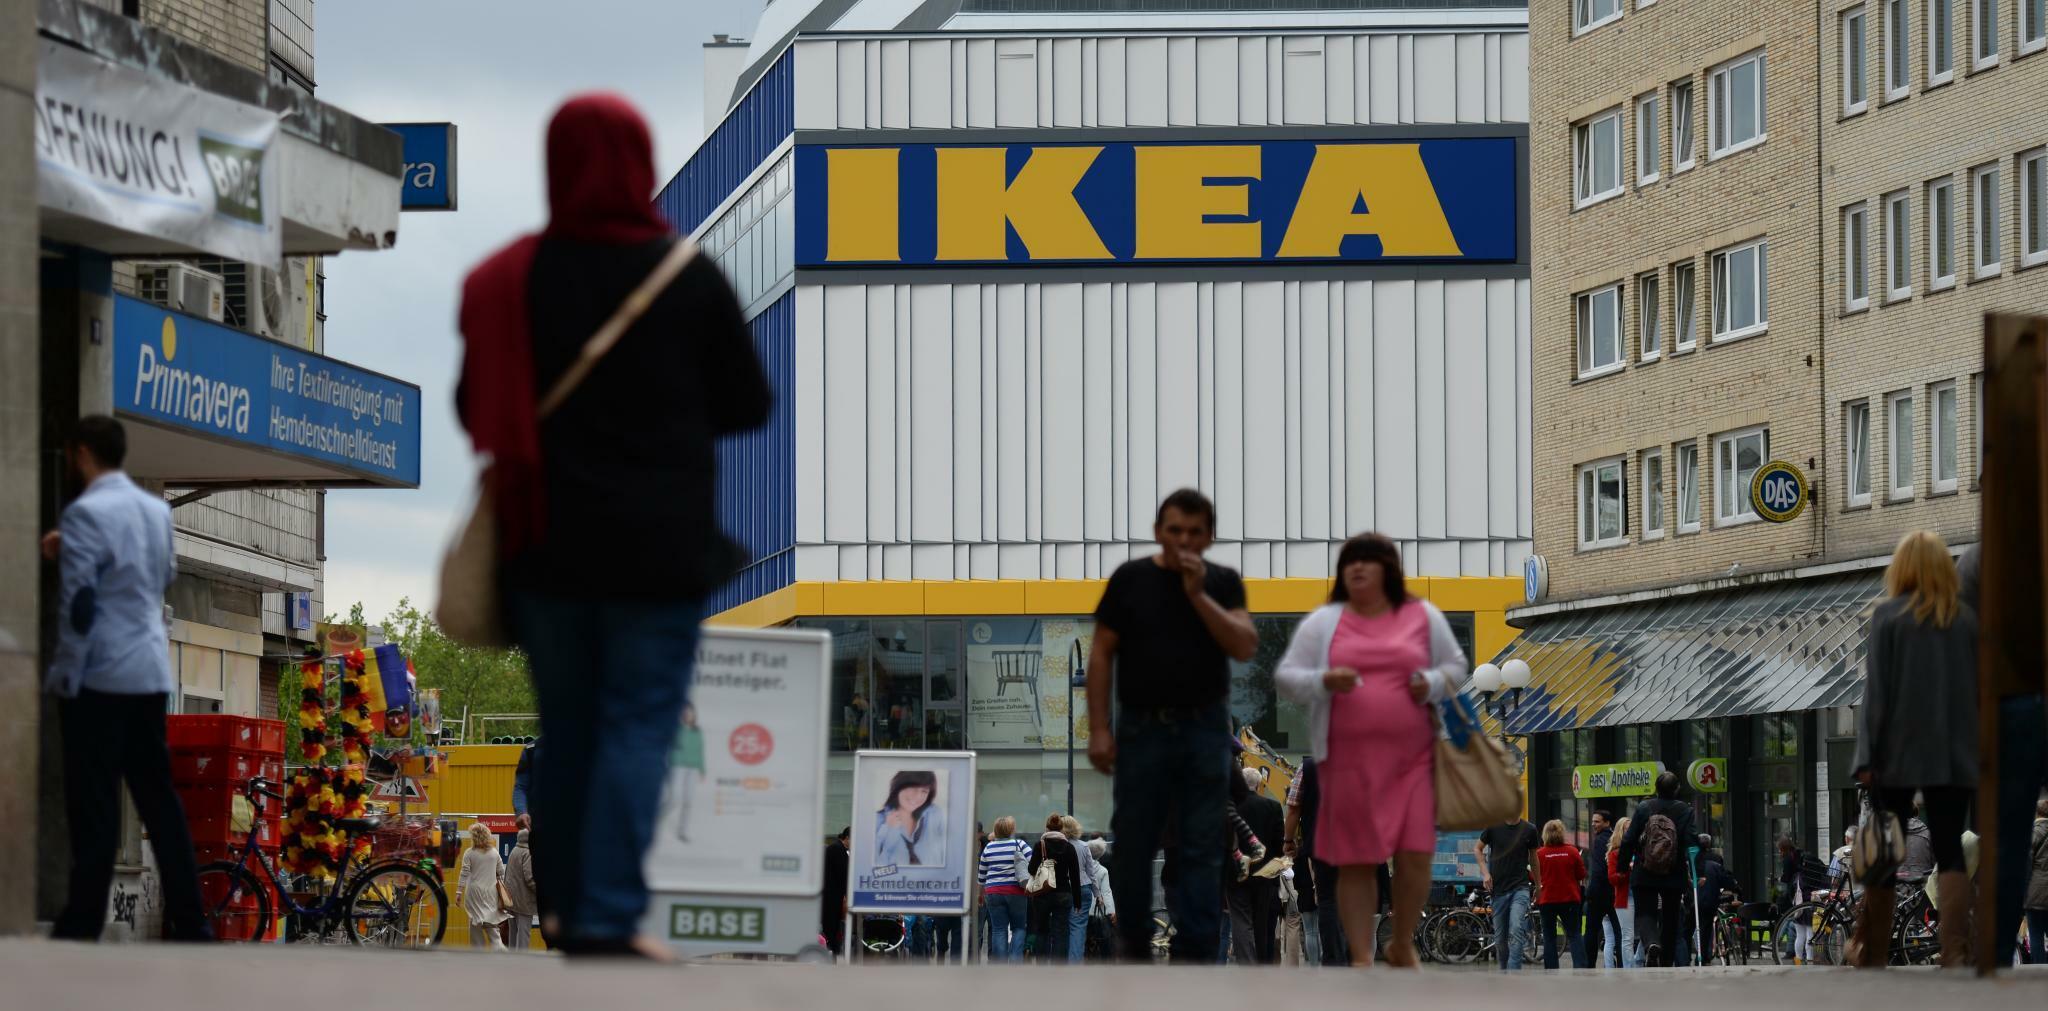 6f9a568229c16e Ikea und Co.  Deutsche kaufen ihre Möbel zunehmend im Internet